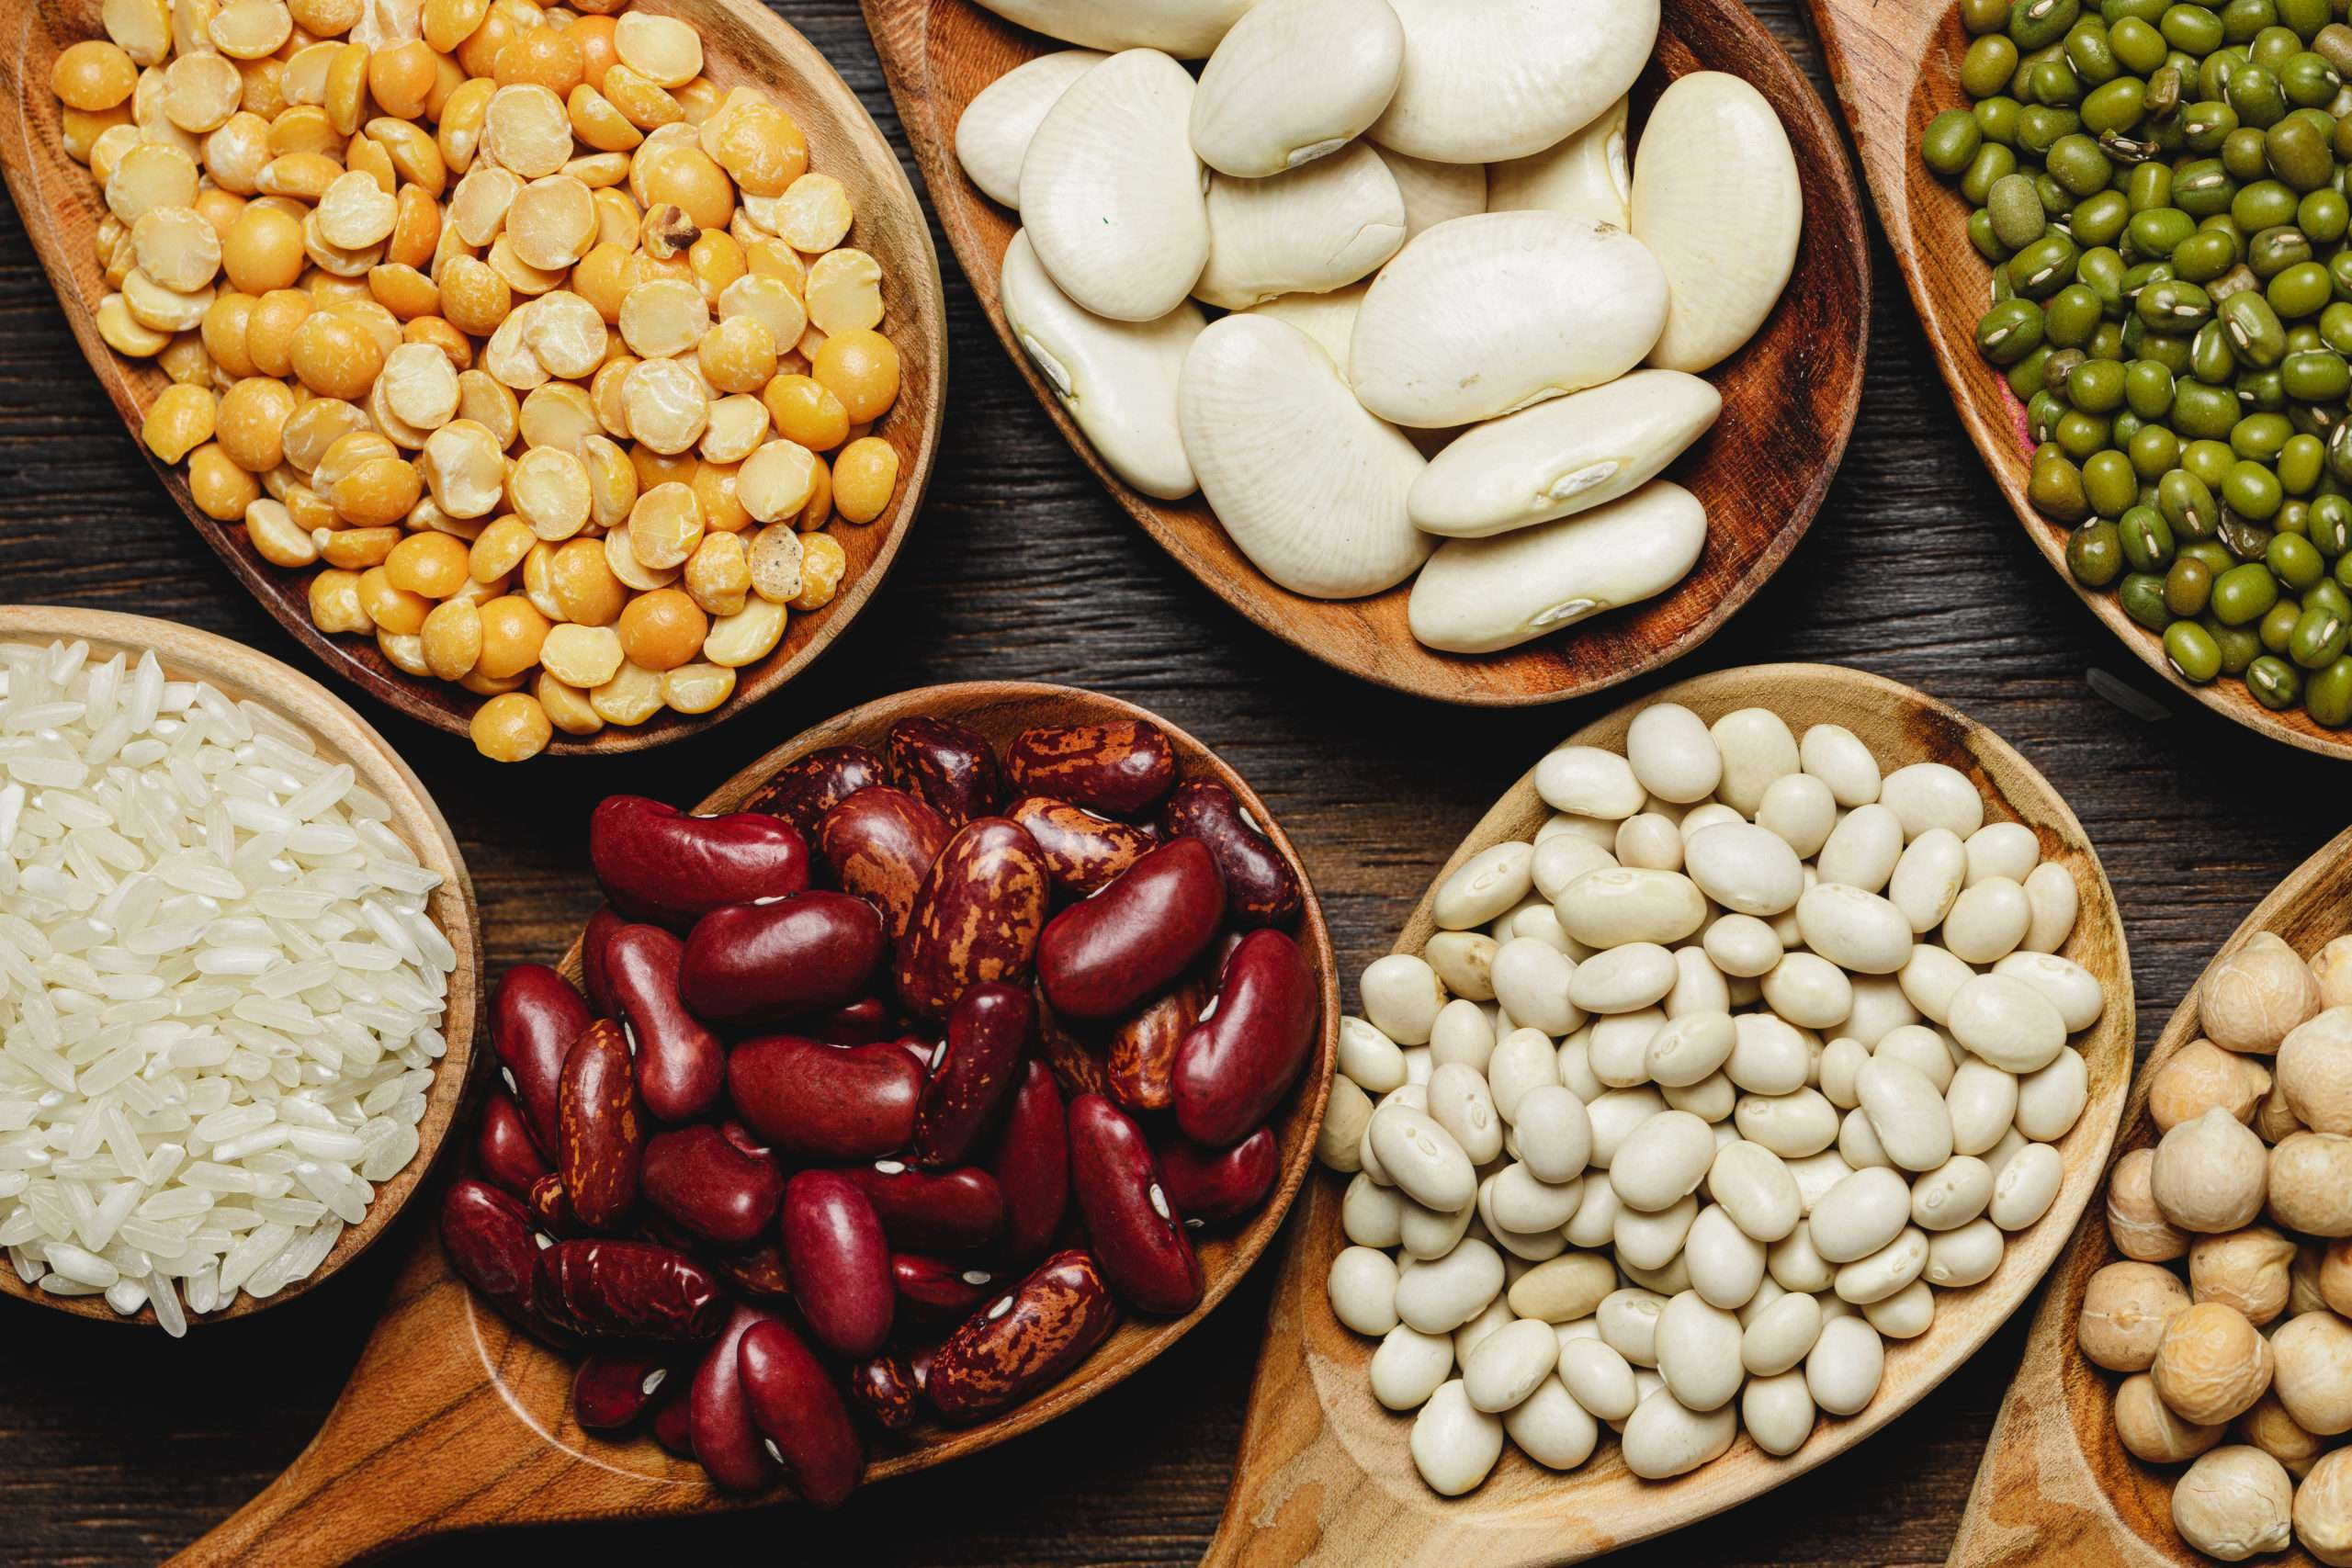 legumes secs dans les garndes cuilleres en bois